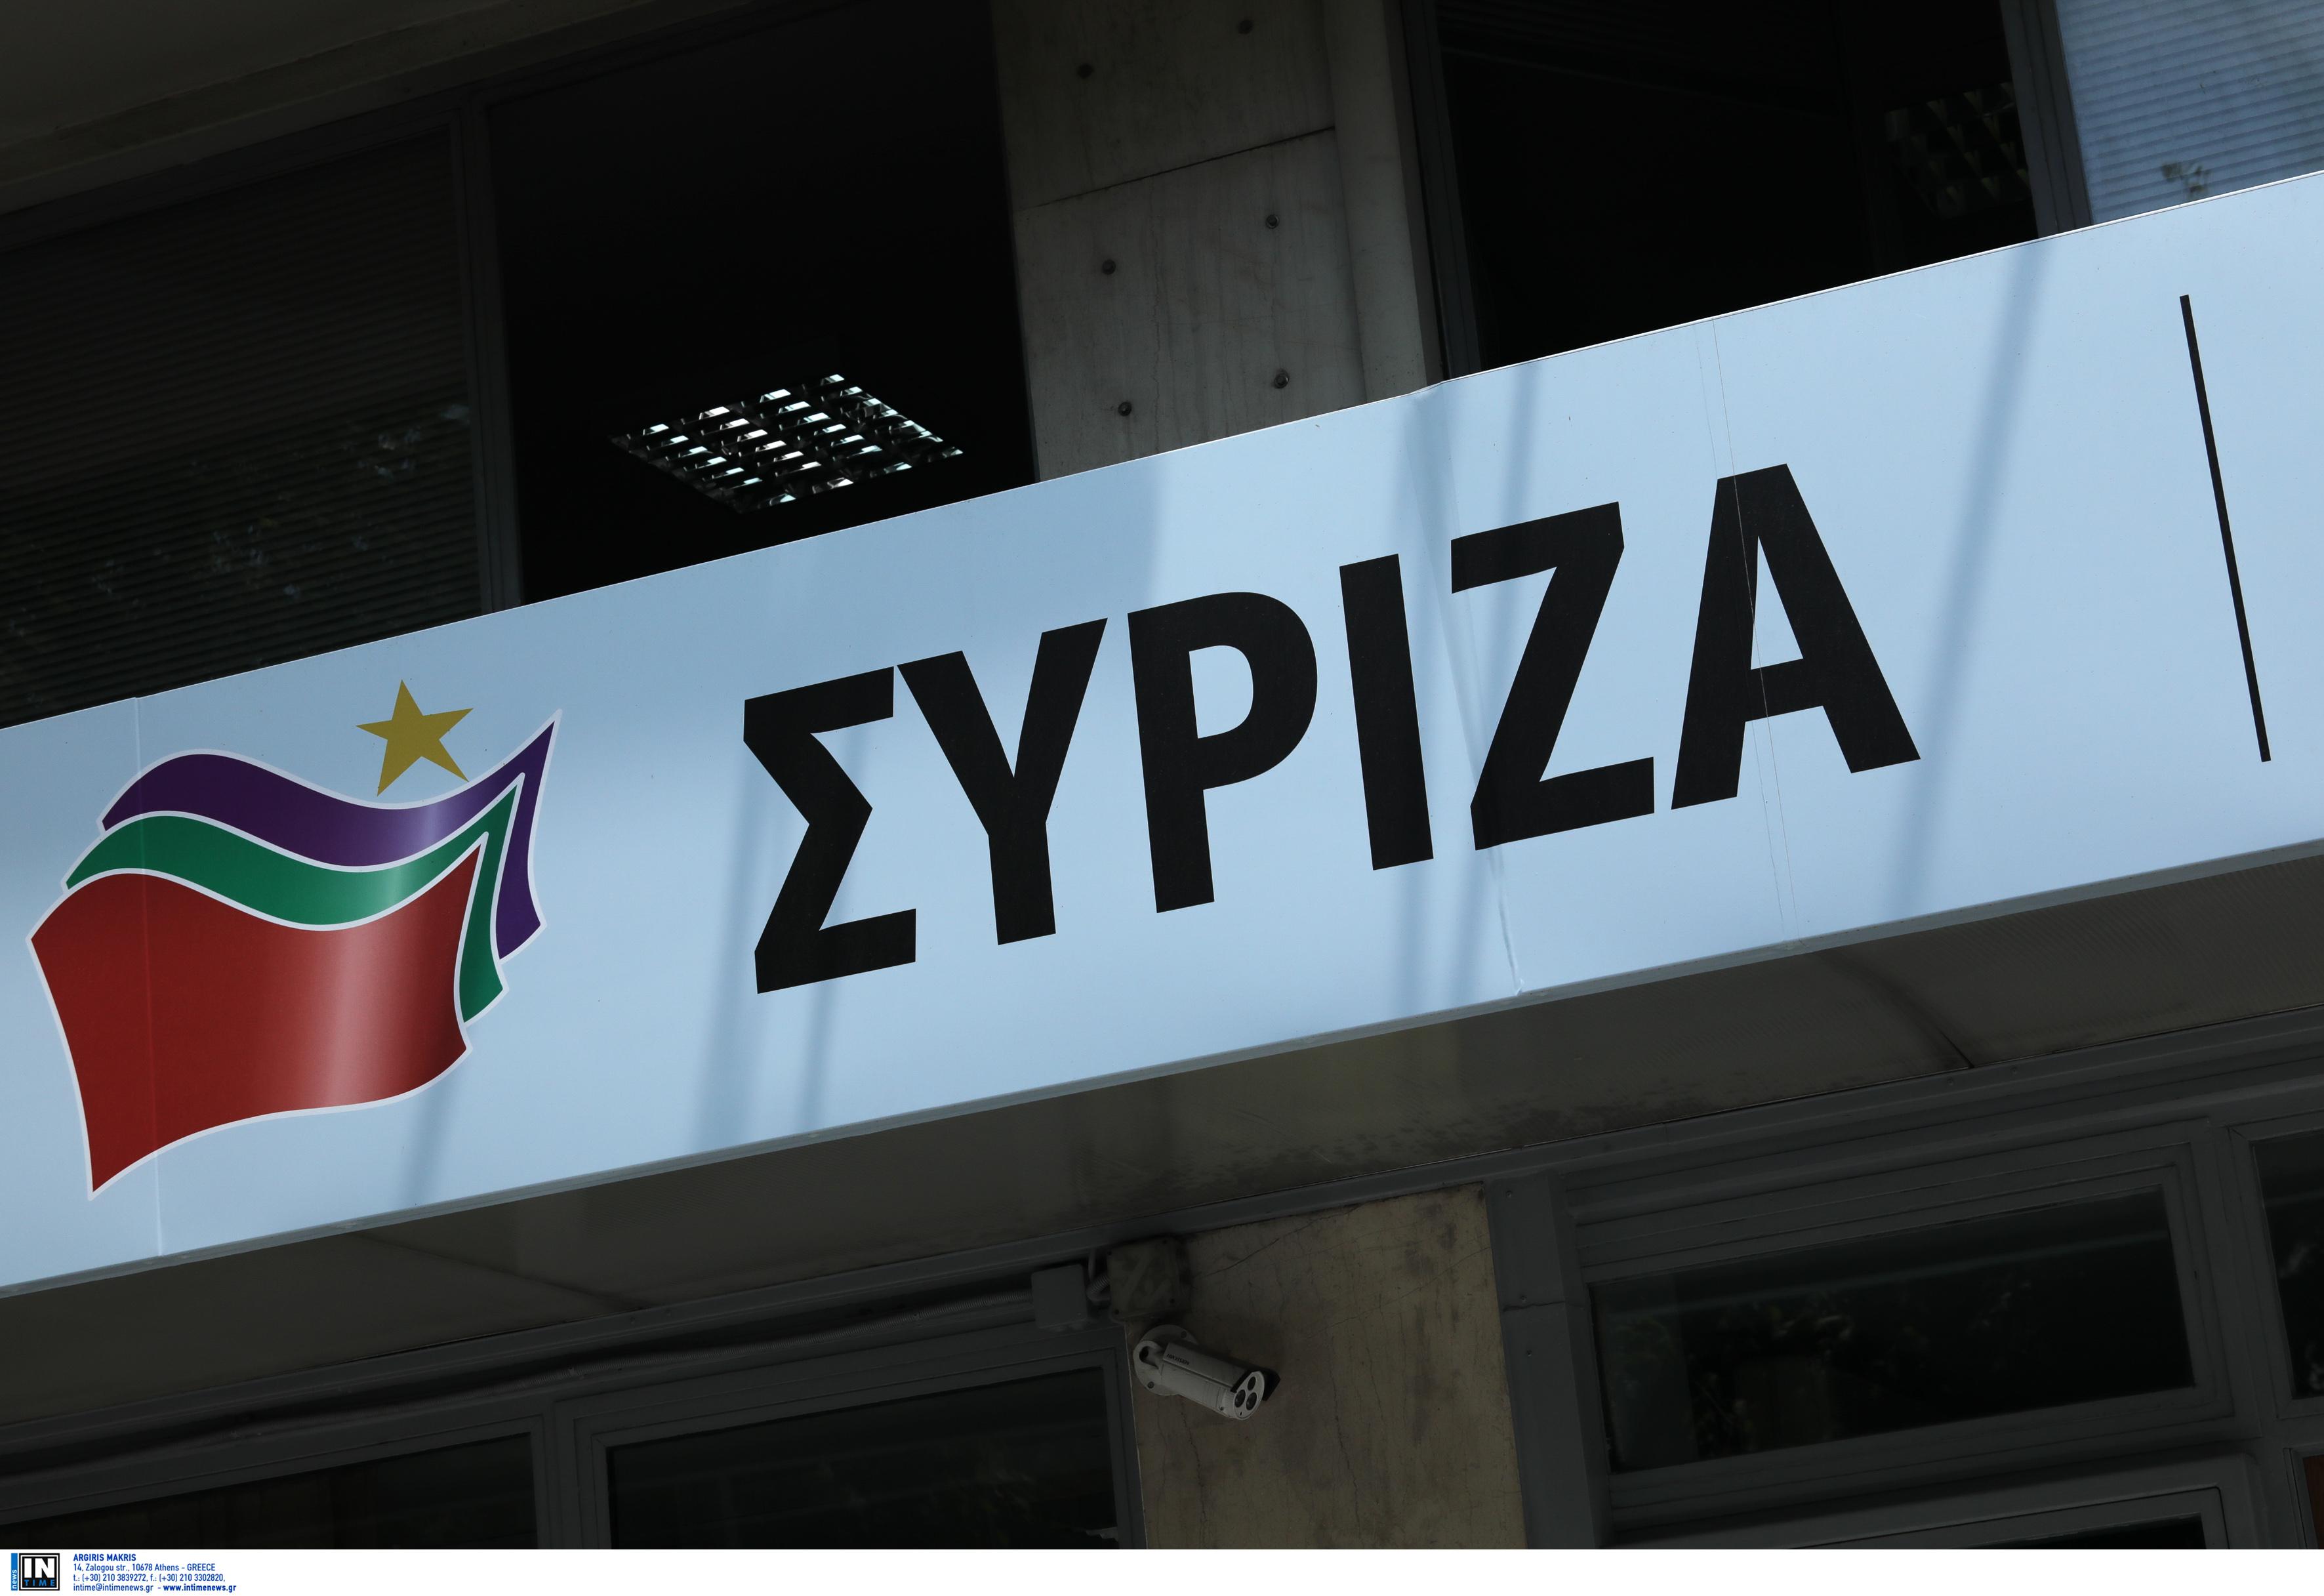 ΣΥΡΙΖΑ: Η κυβέρνηση άργησε μια μέρα στο προσφυγικό